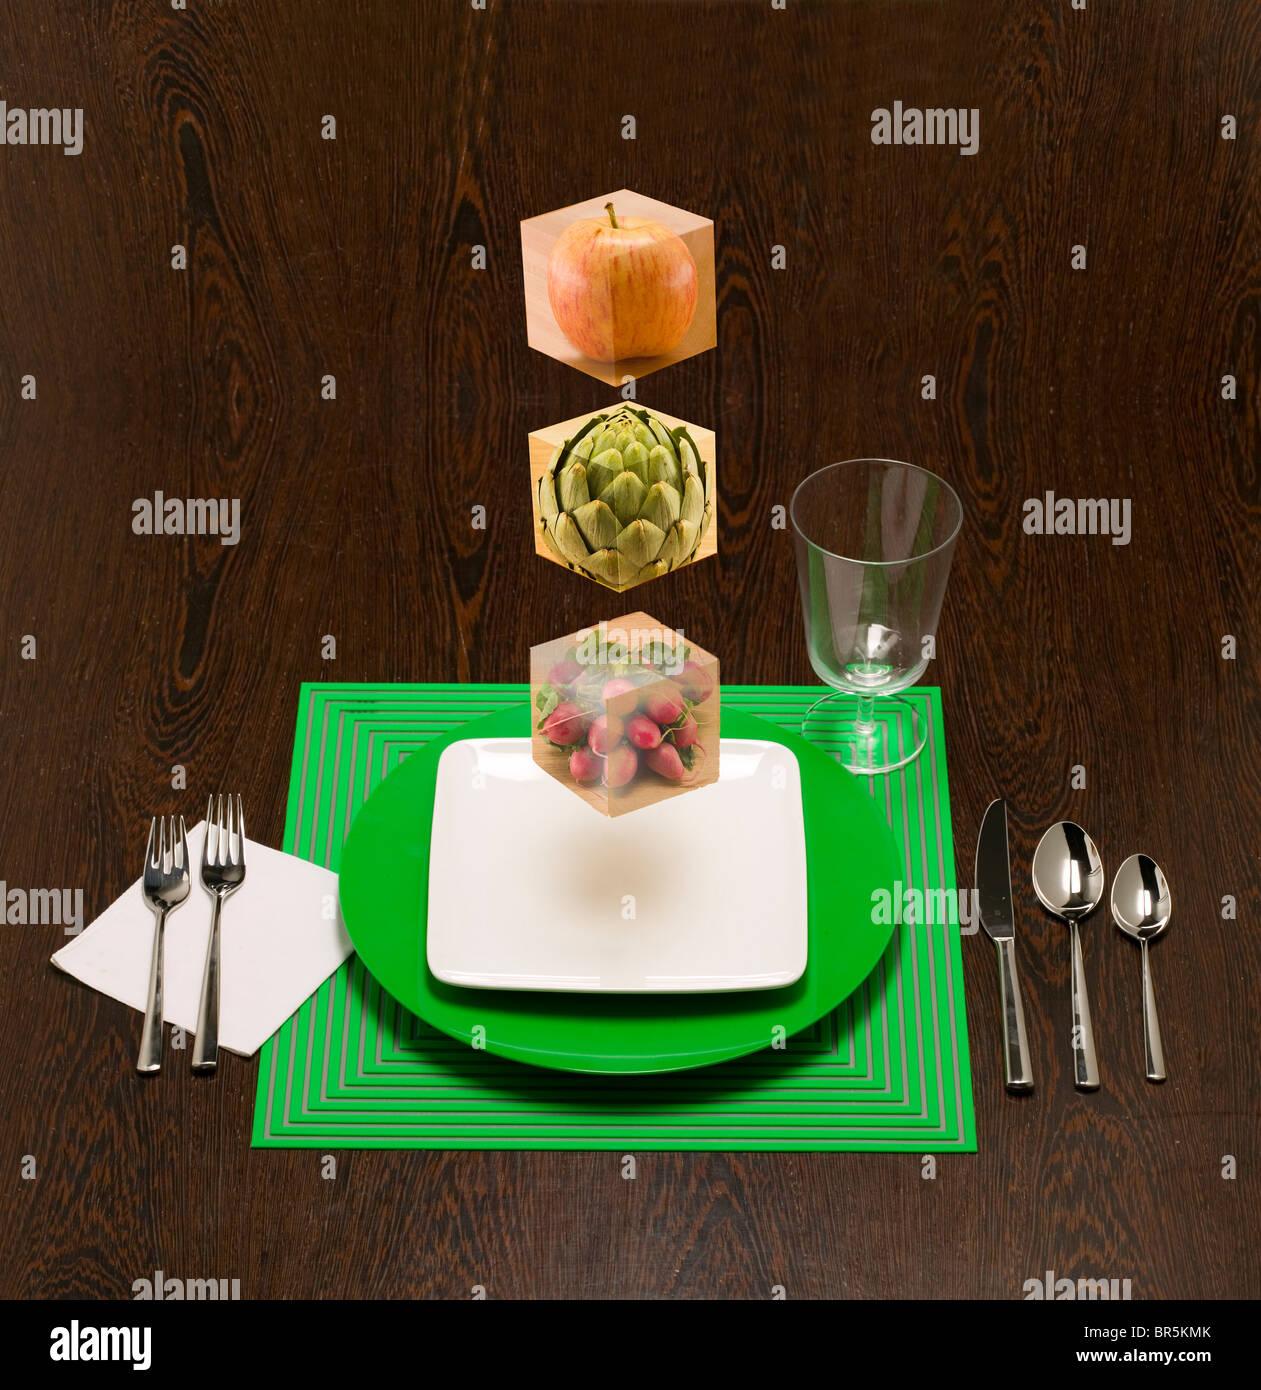 Bloques de alimentos flotantes para mostrar los bloques de construcción de su dieta. Imagen De Stock